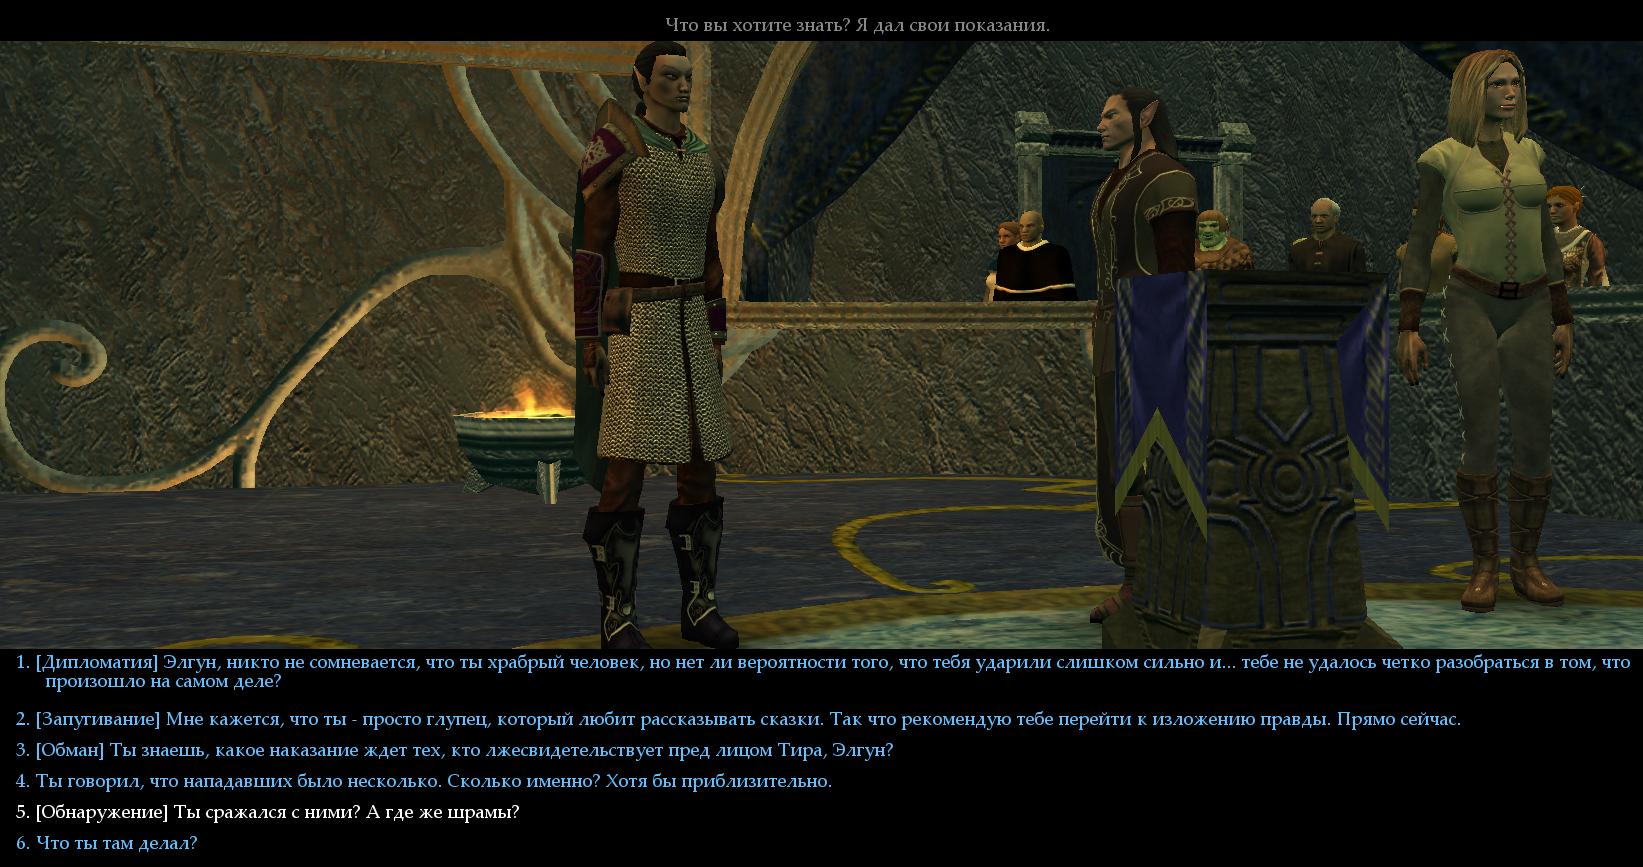 Как бы обзор Neverwinter Nights 2 (оригинальной кампании) - Основная часть. - Изображение 11